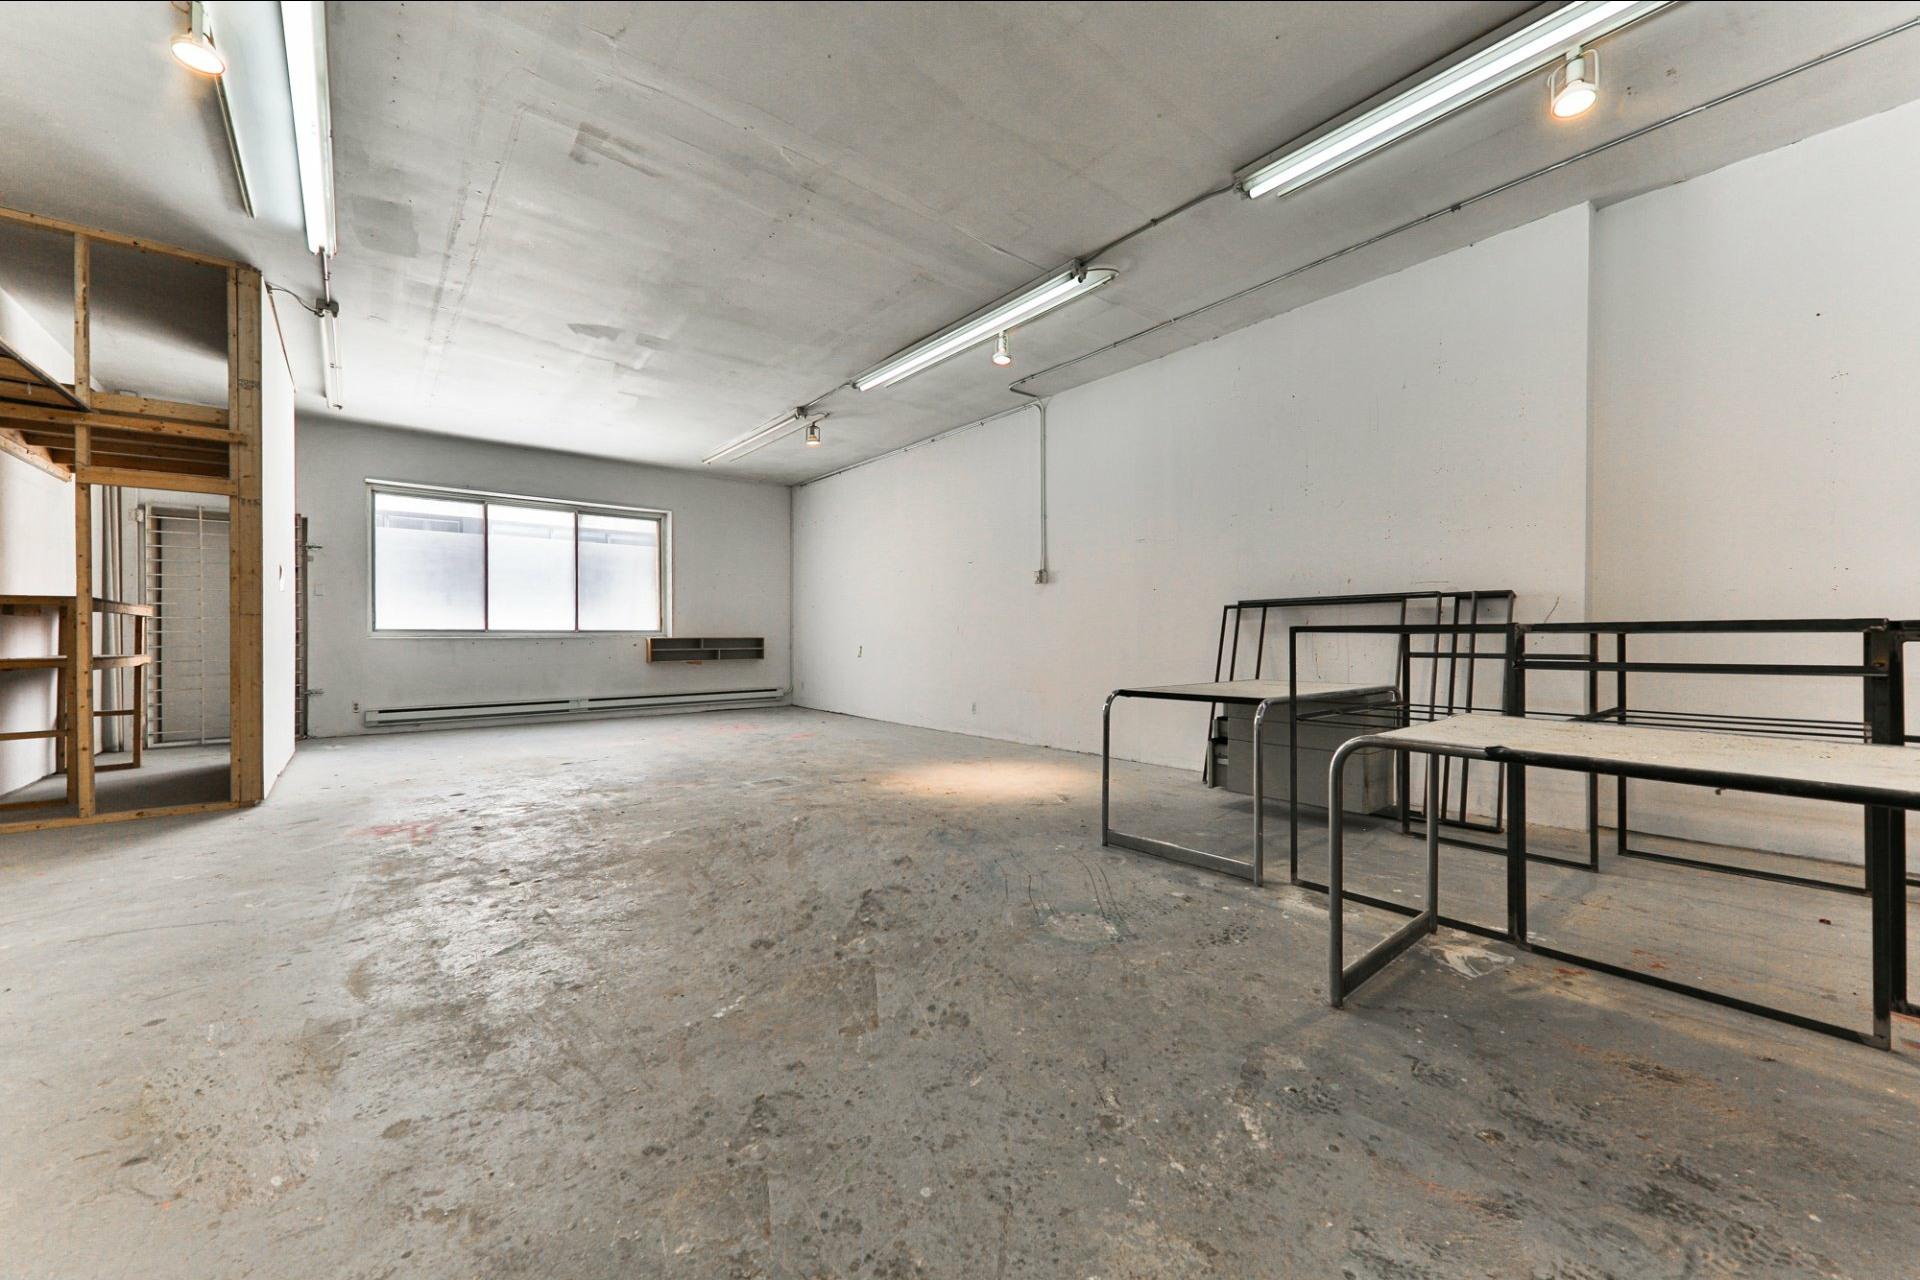 image 12 - Duplex À vendre Rosemont/La Petite-Patrie Montréal